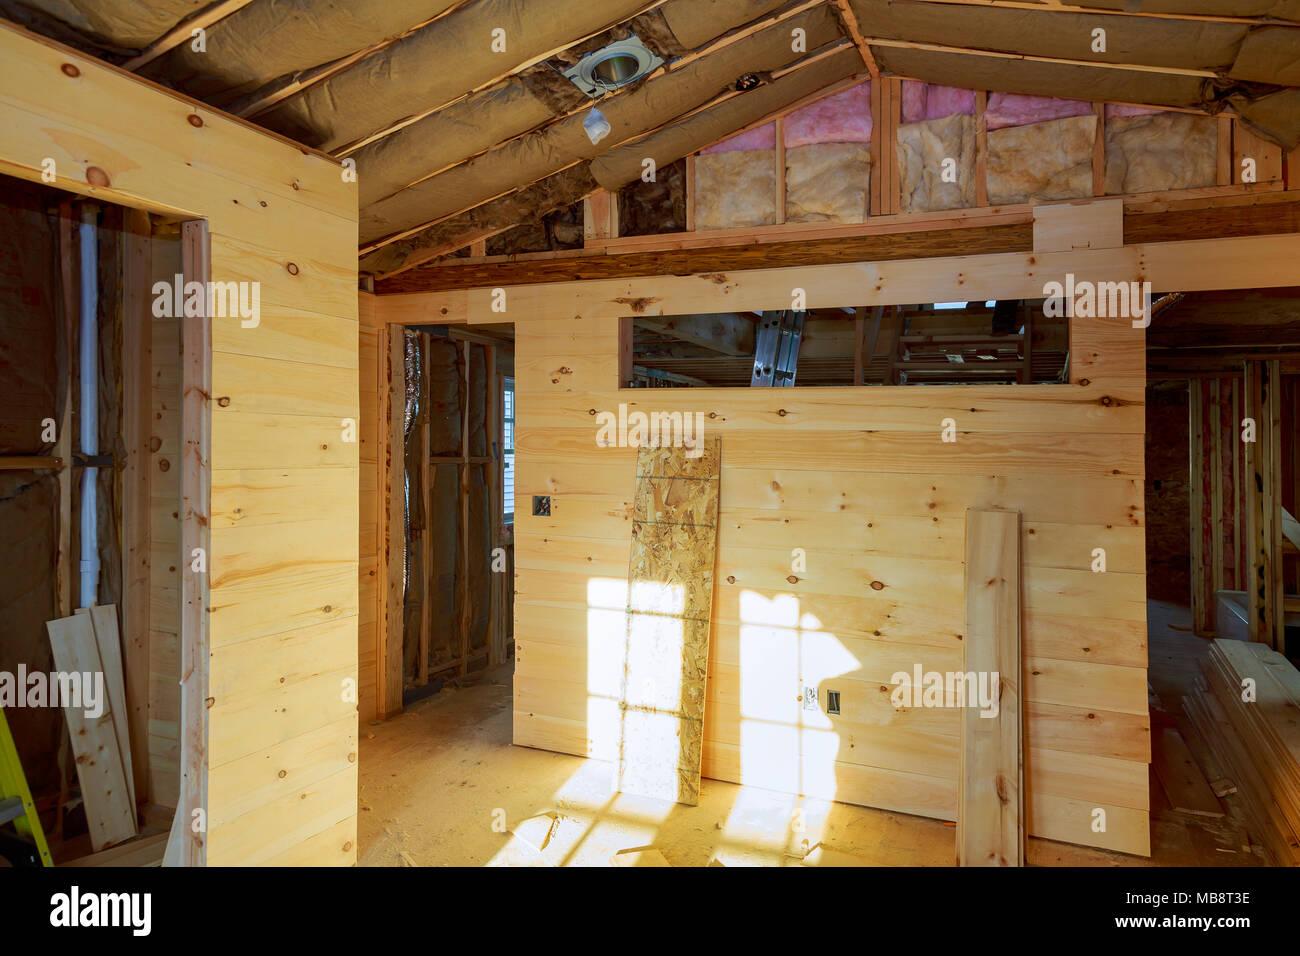 Mit holzmaserung verkleidung mit s ule und deckenbalken molding konstruktion einer neuen - Leuchtkasten selber bauen ...